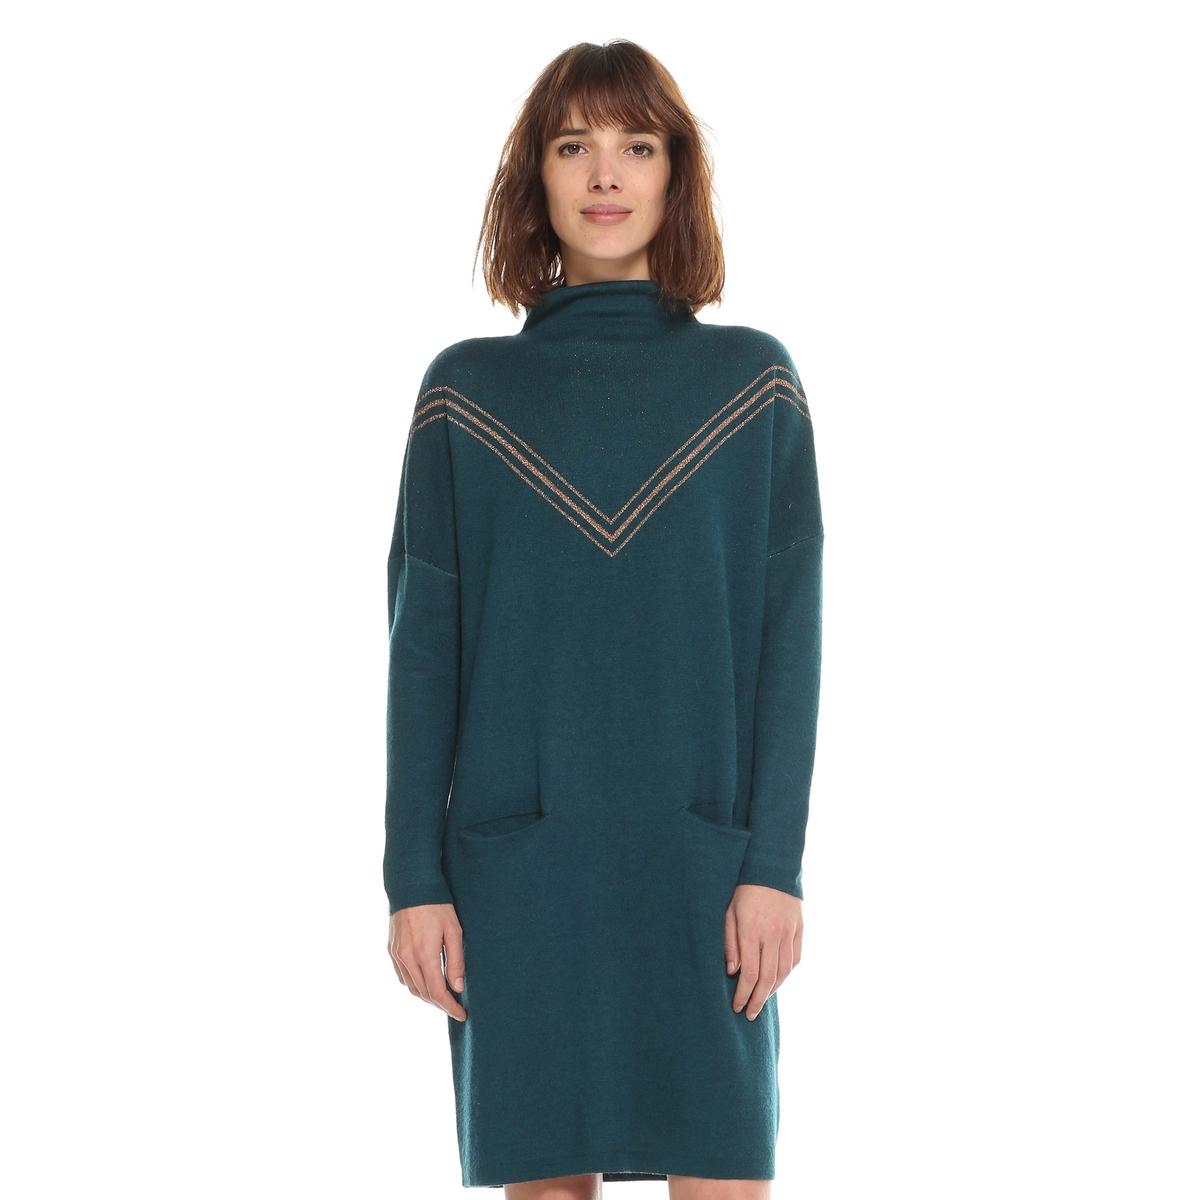 Платье-пуловер однотонное, короткое, с длинными рукавамиДетали  •  Форма : платье-пуловер •  Укороченная модель •  Длинные рукава    •  Воротник-стойкаСостав и уход  •  6% шерсти, 19% акрила, 2% металлизированных волокон, 20% полиамида, 53% полиэстера •  Следуйте советам по уходу, указанным на этикетке<br><br>Цвет: сине-зеленый